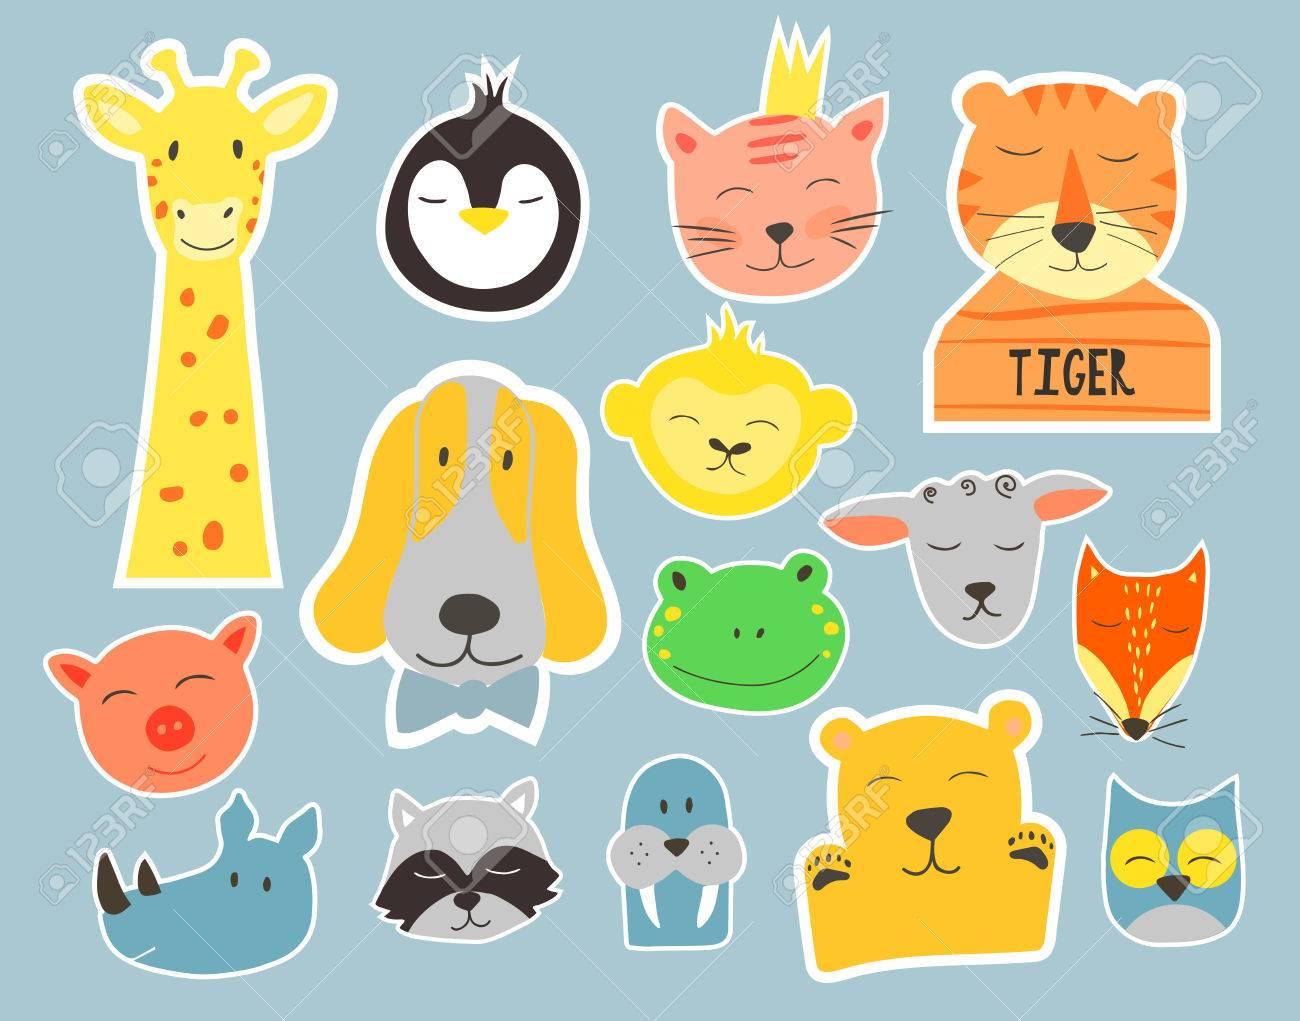 ベクトル動物顔のかわいいイラスト子供のためのベクター クリップ アートバッジとステッカー